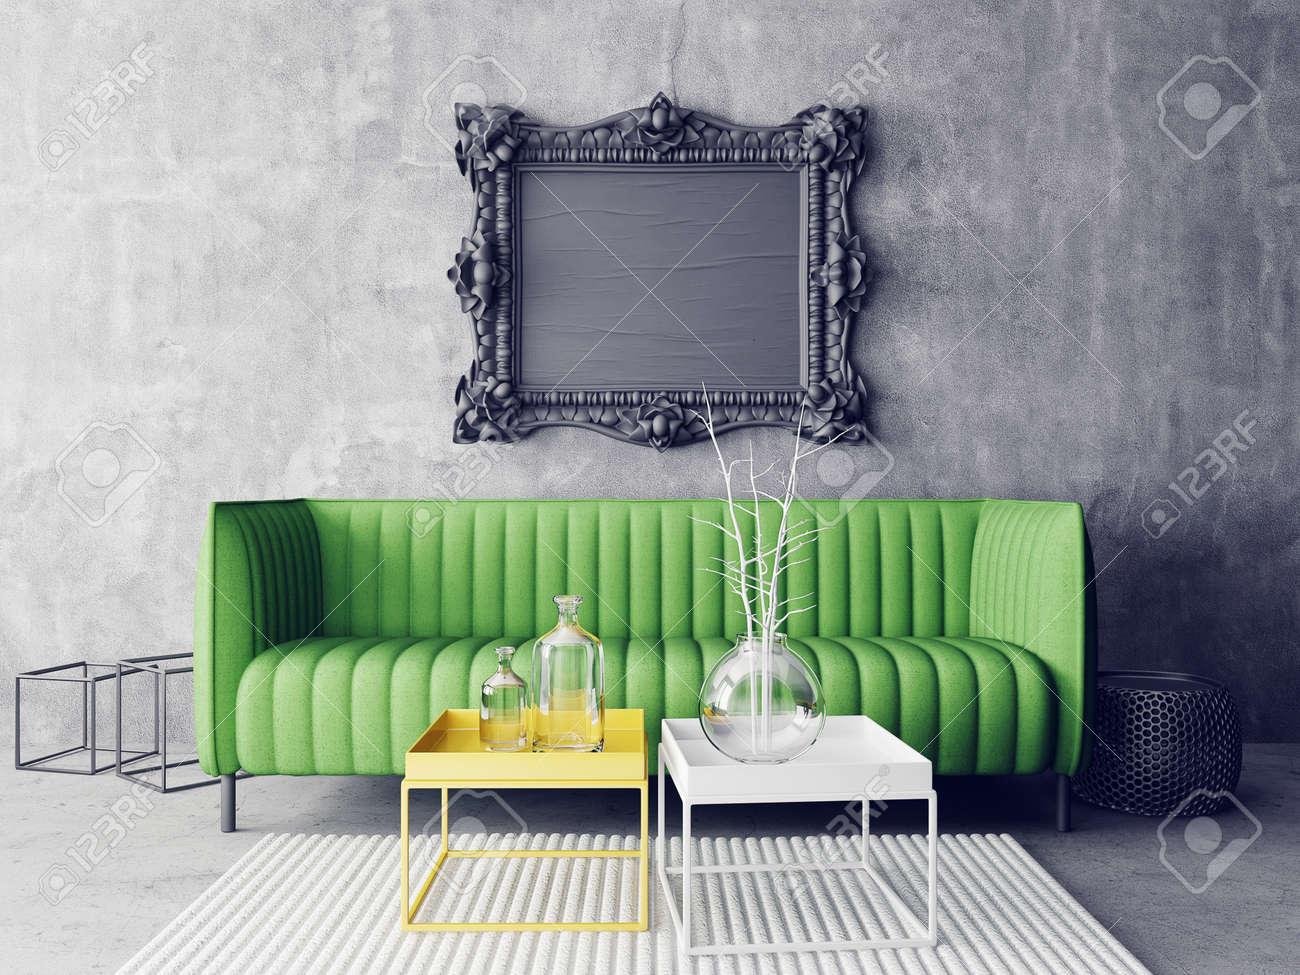 Minimalismo En Salones Muebles De Diseo Muebles Modernos El Mueble  # Muebles Bonitos Sl